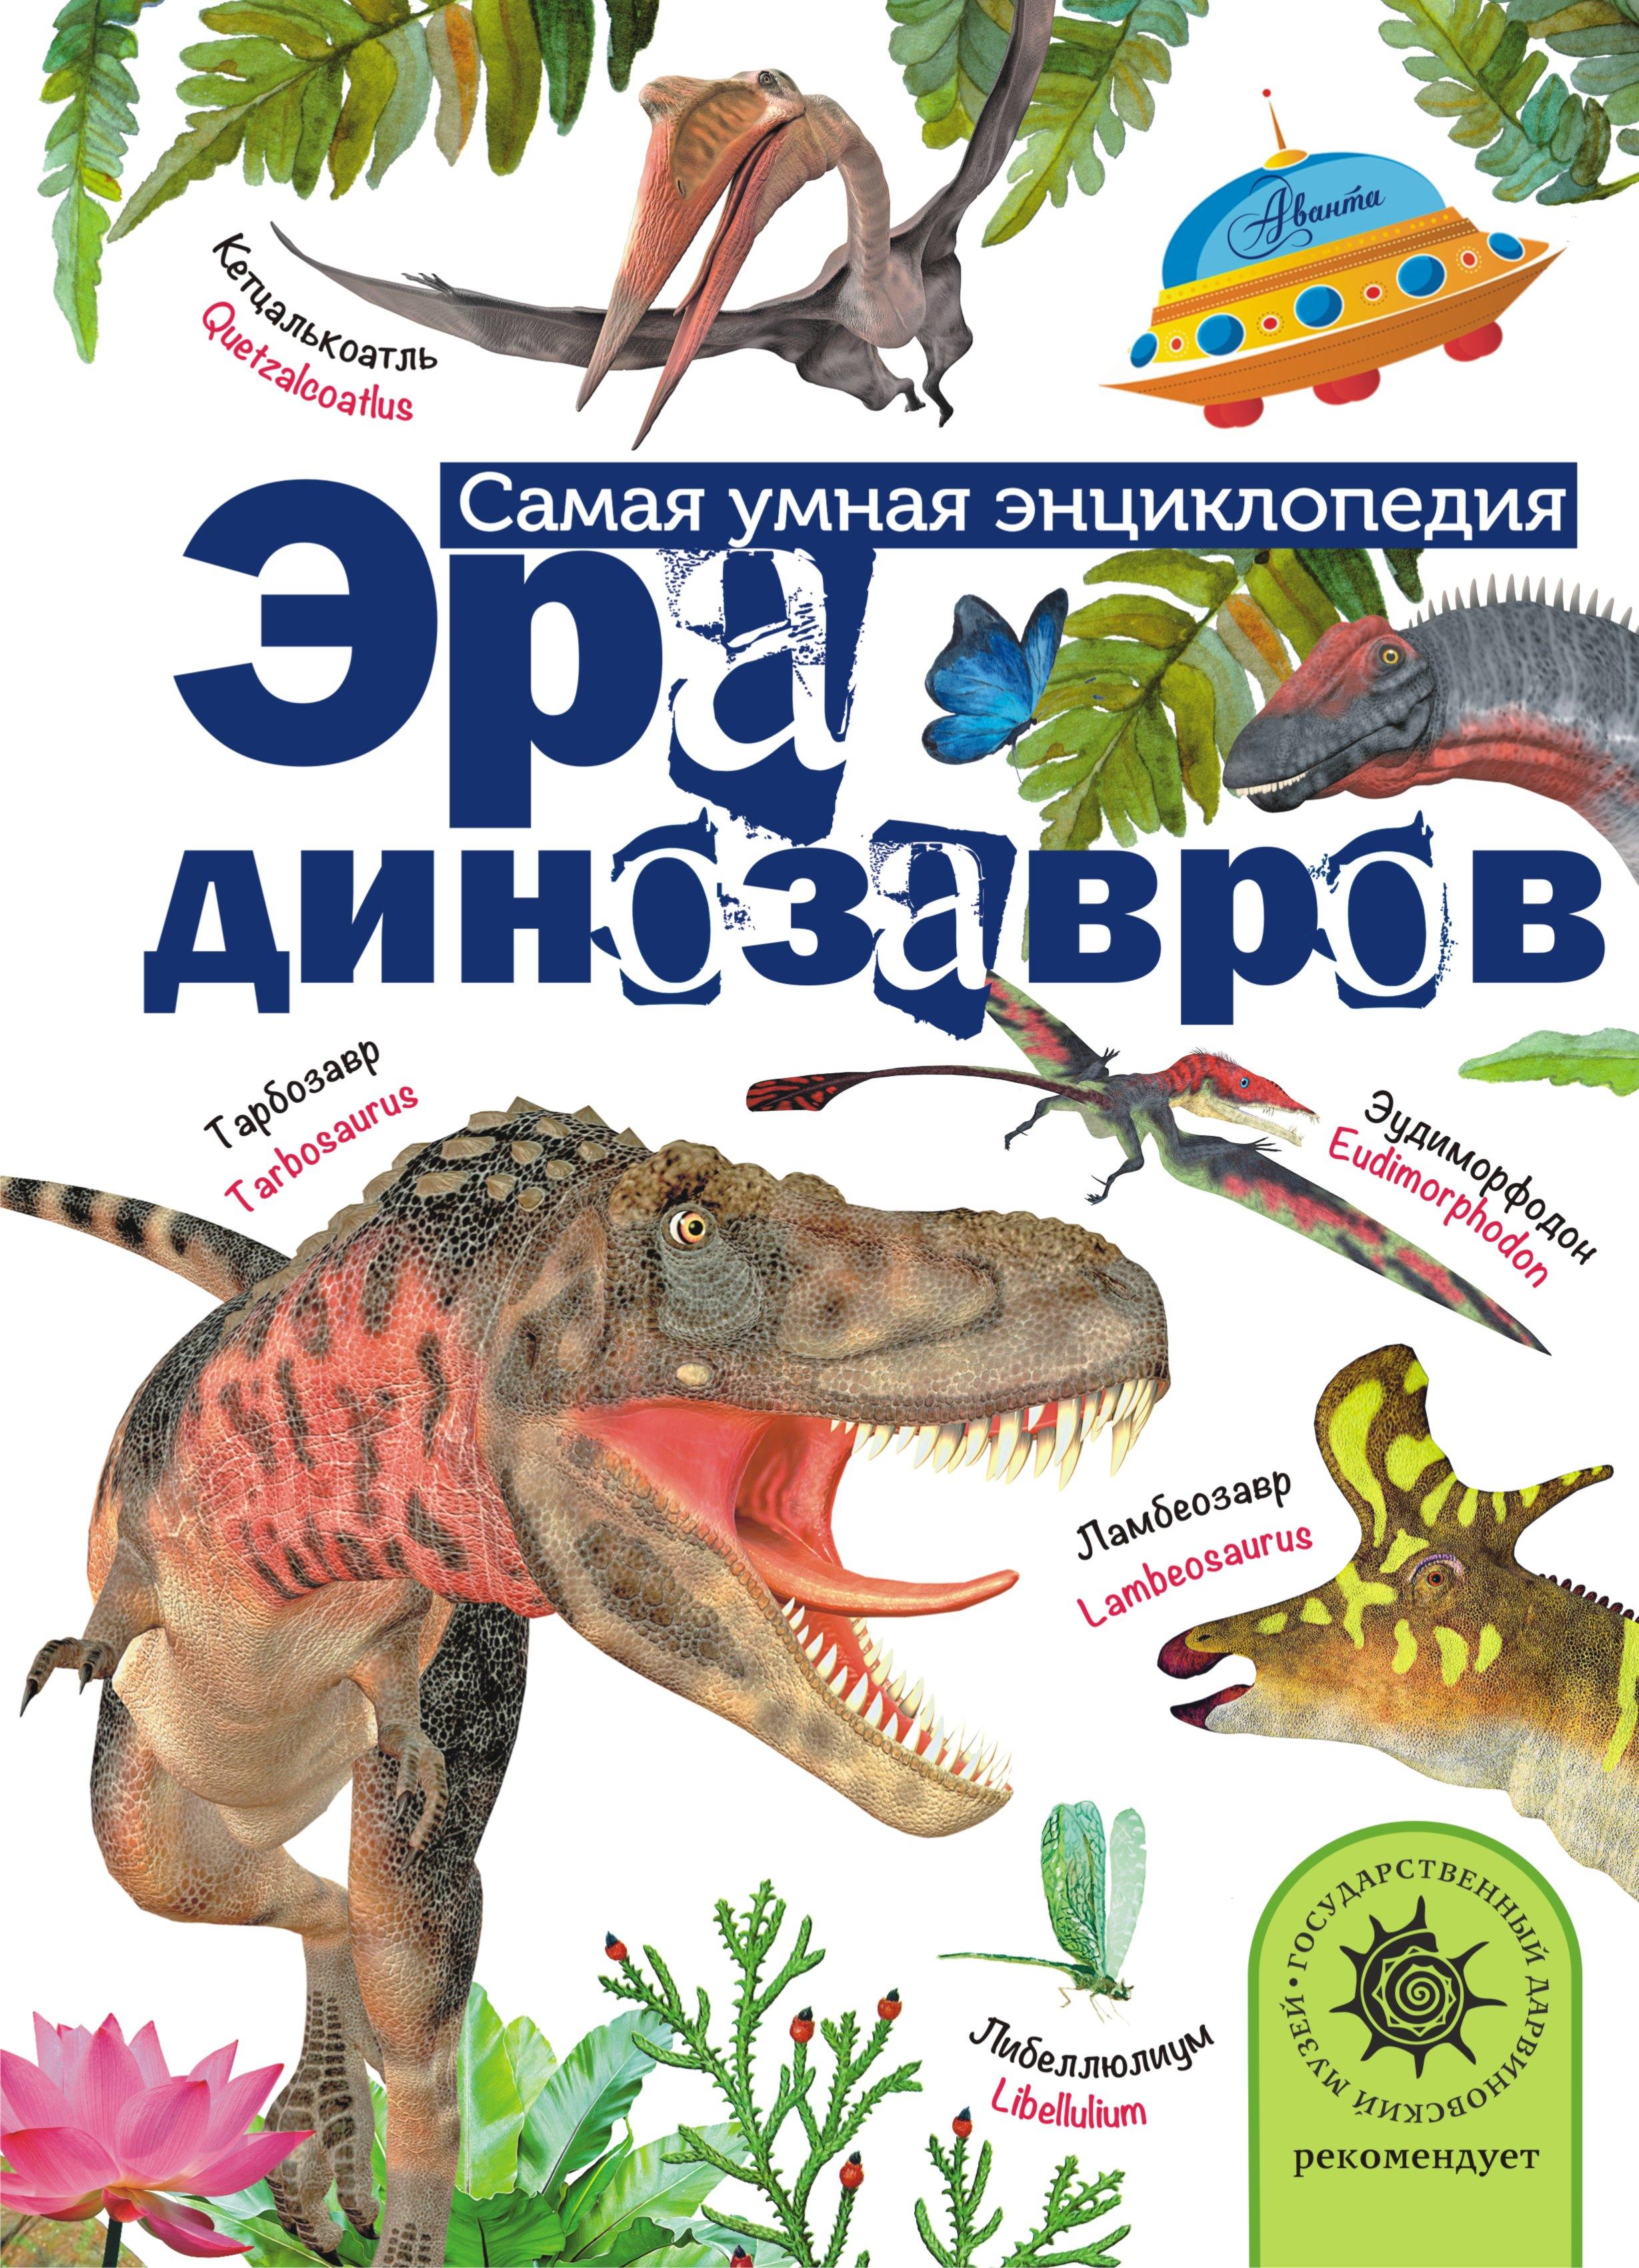 Тихонов А.В. Эра динозавров эймис ли дж рисуем 50 динозавров и других доисторических животных